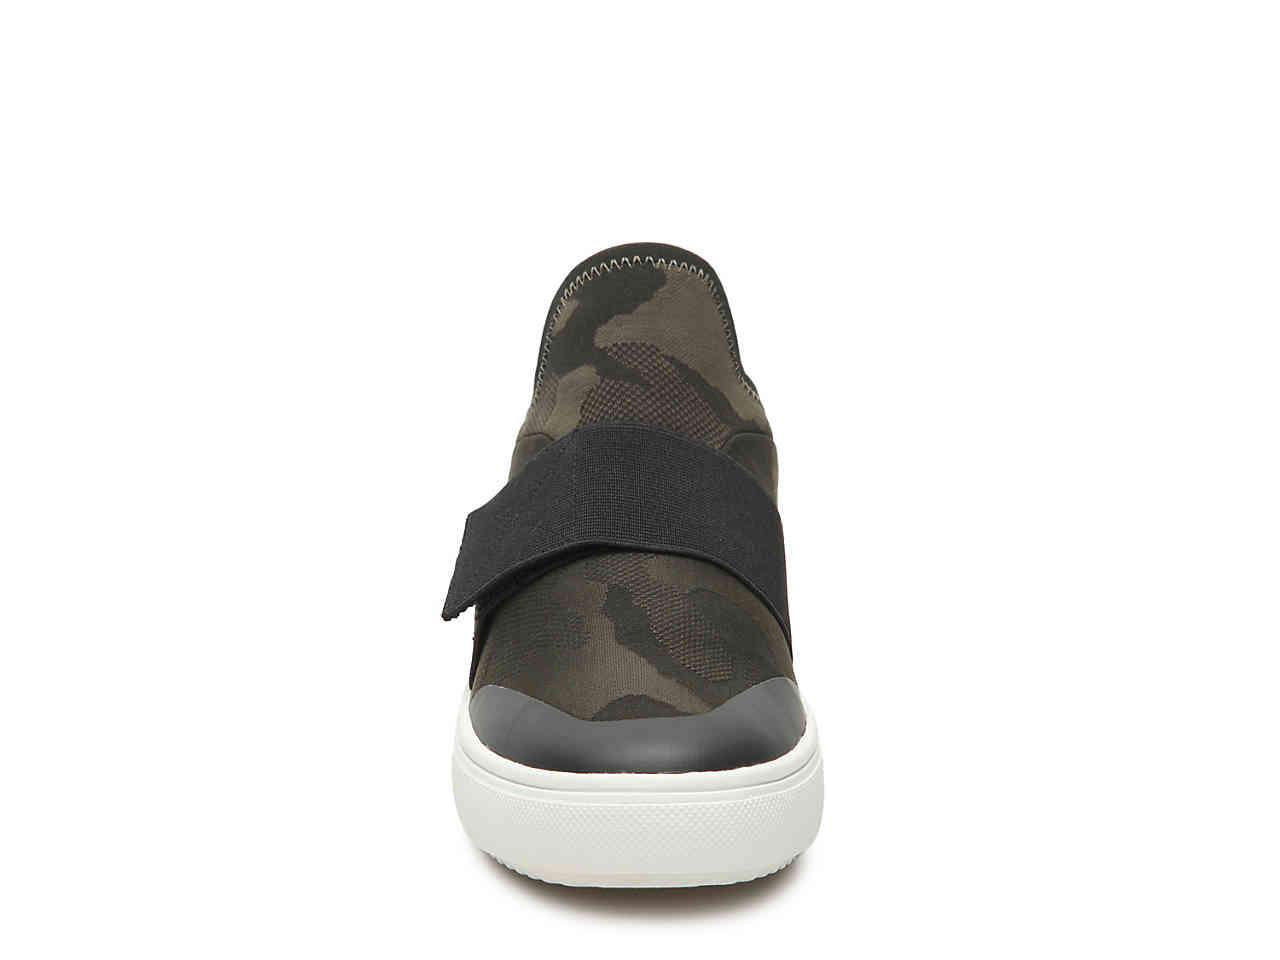 Steve Madden Hanny Sneaker in Dark